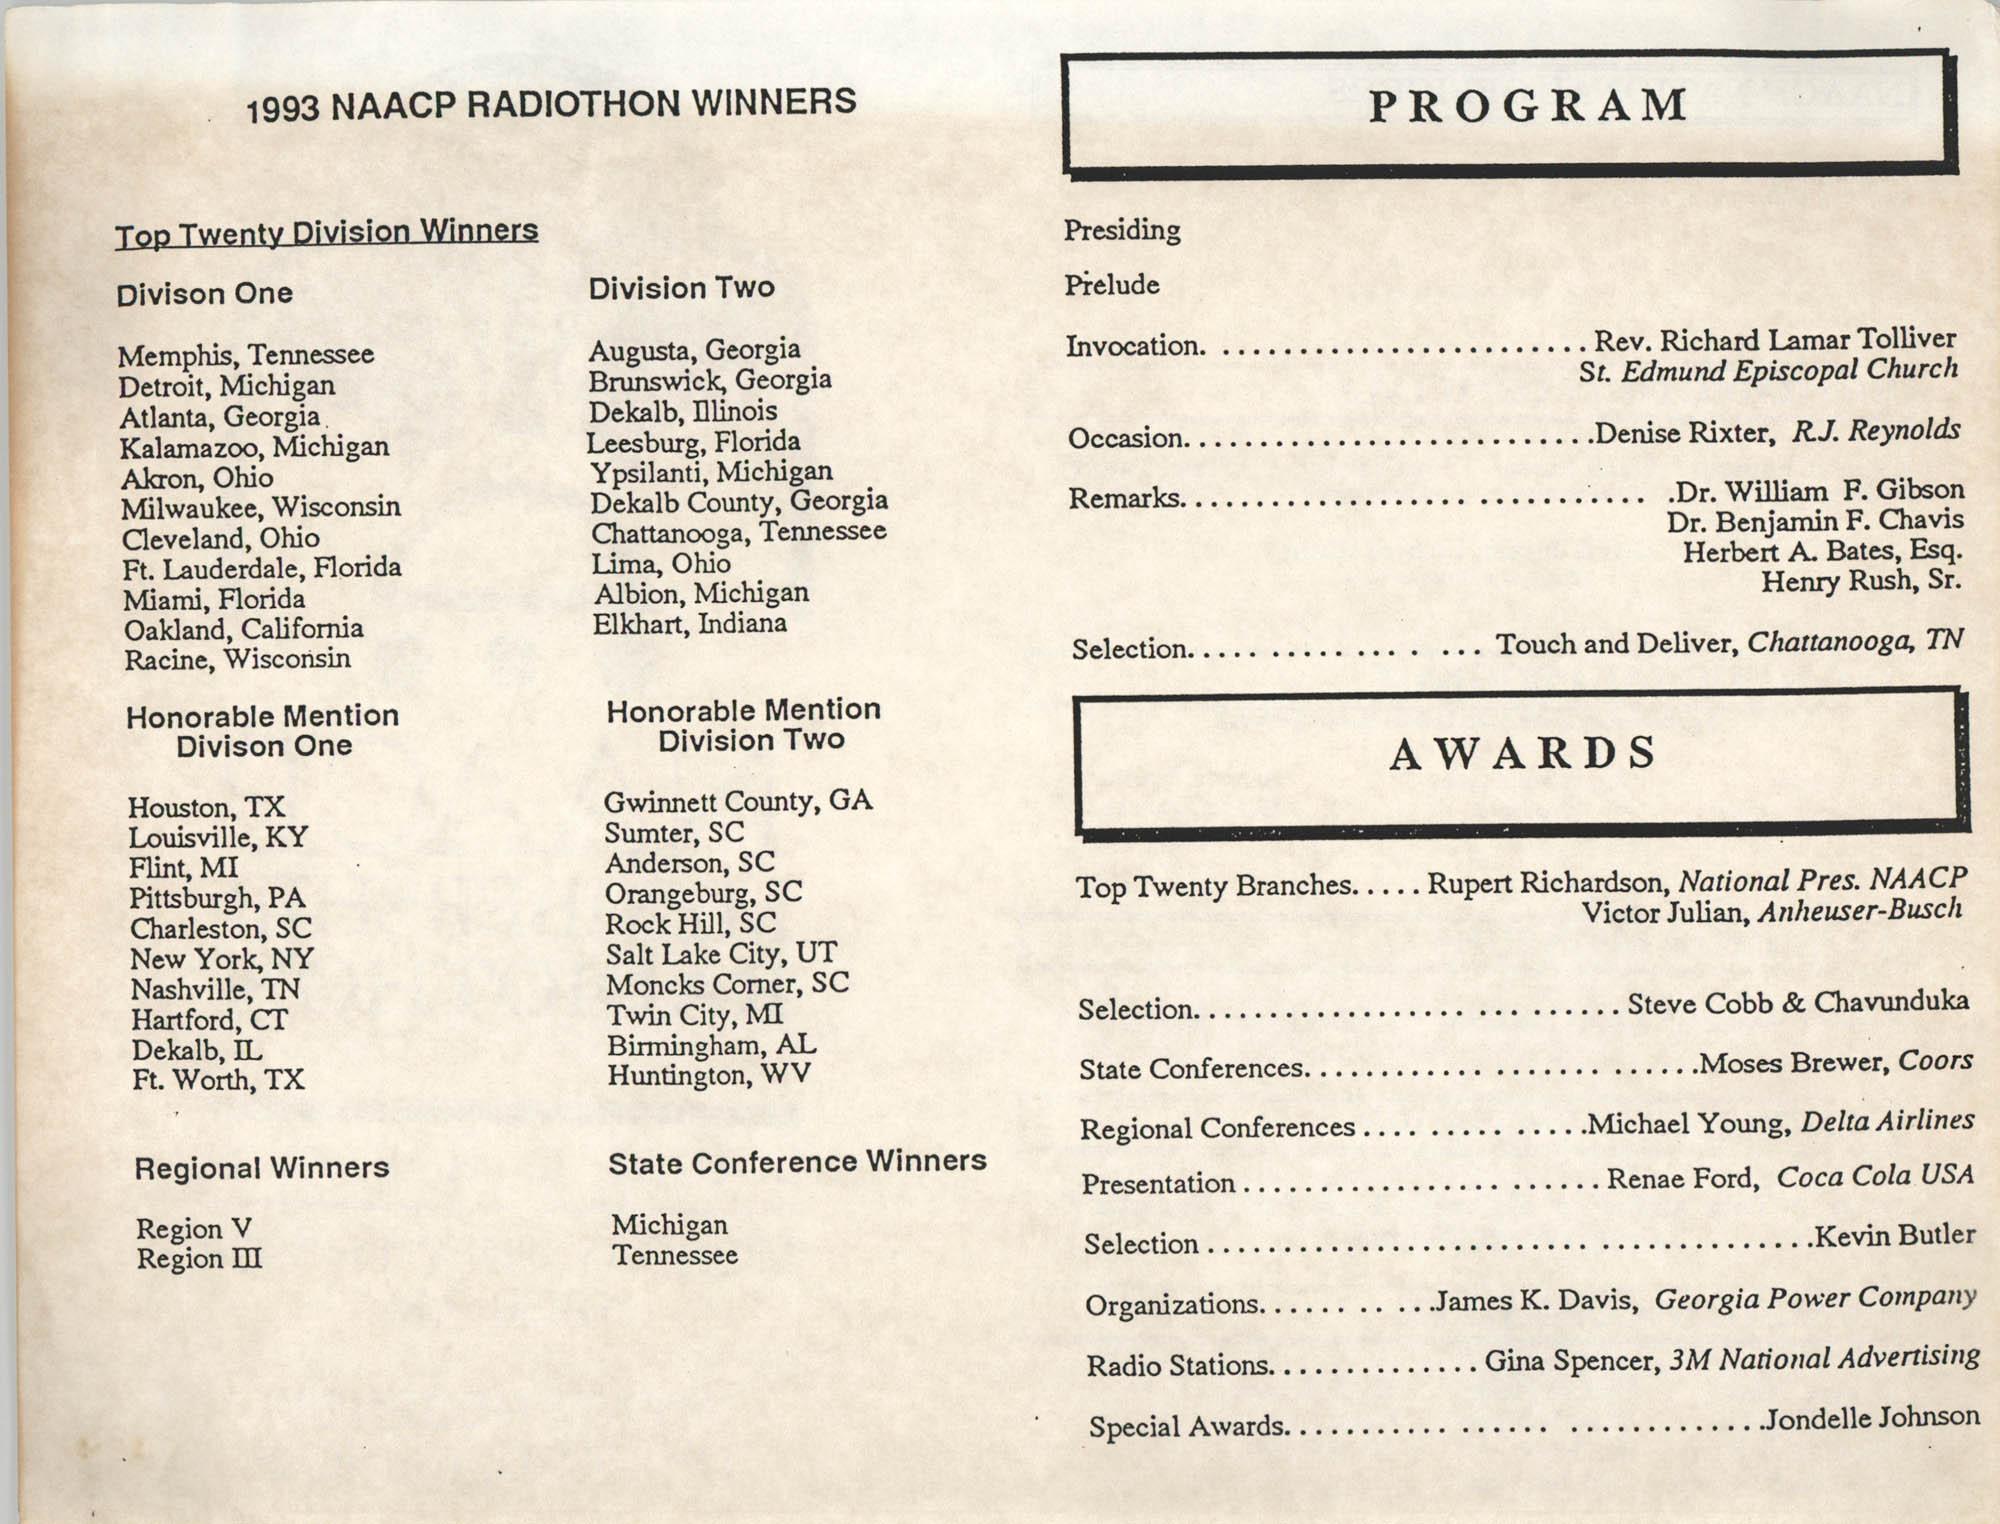 NAACP Radiothon Winners, 1993